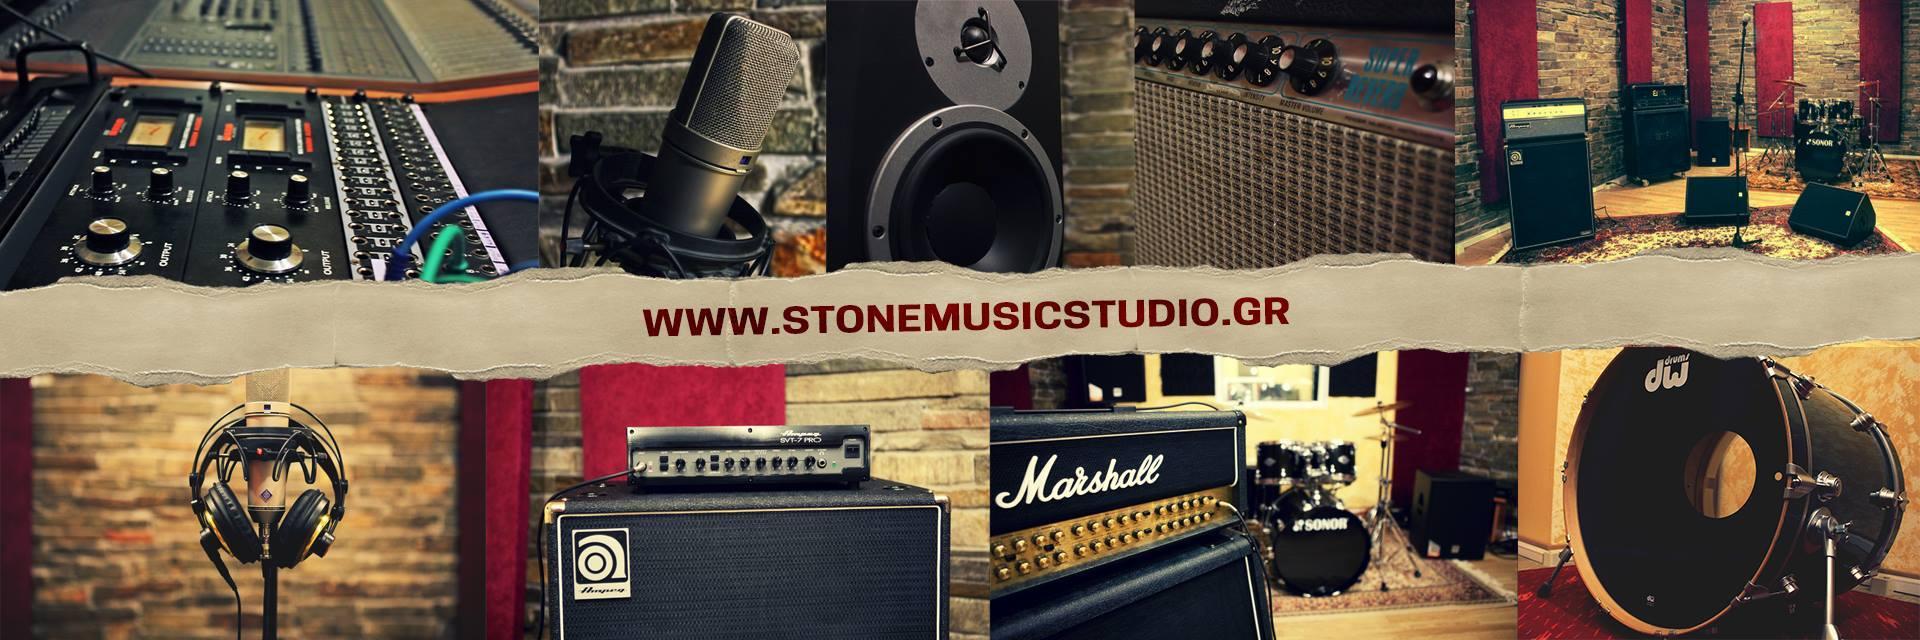 stonemusicstudio